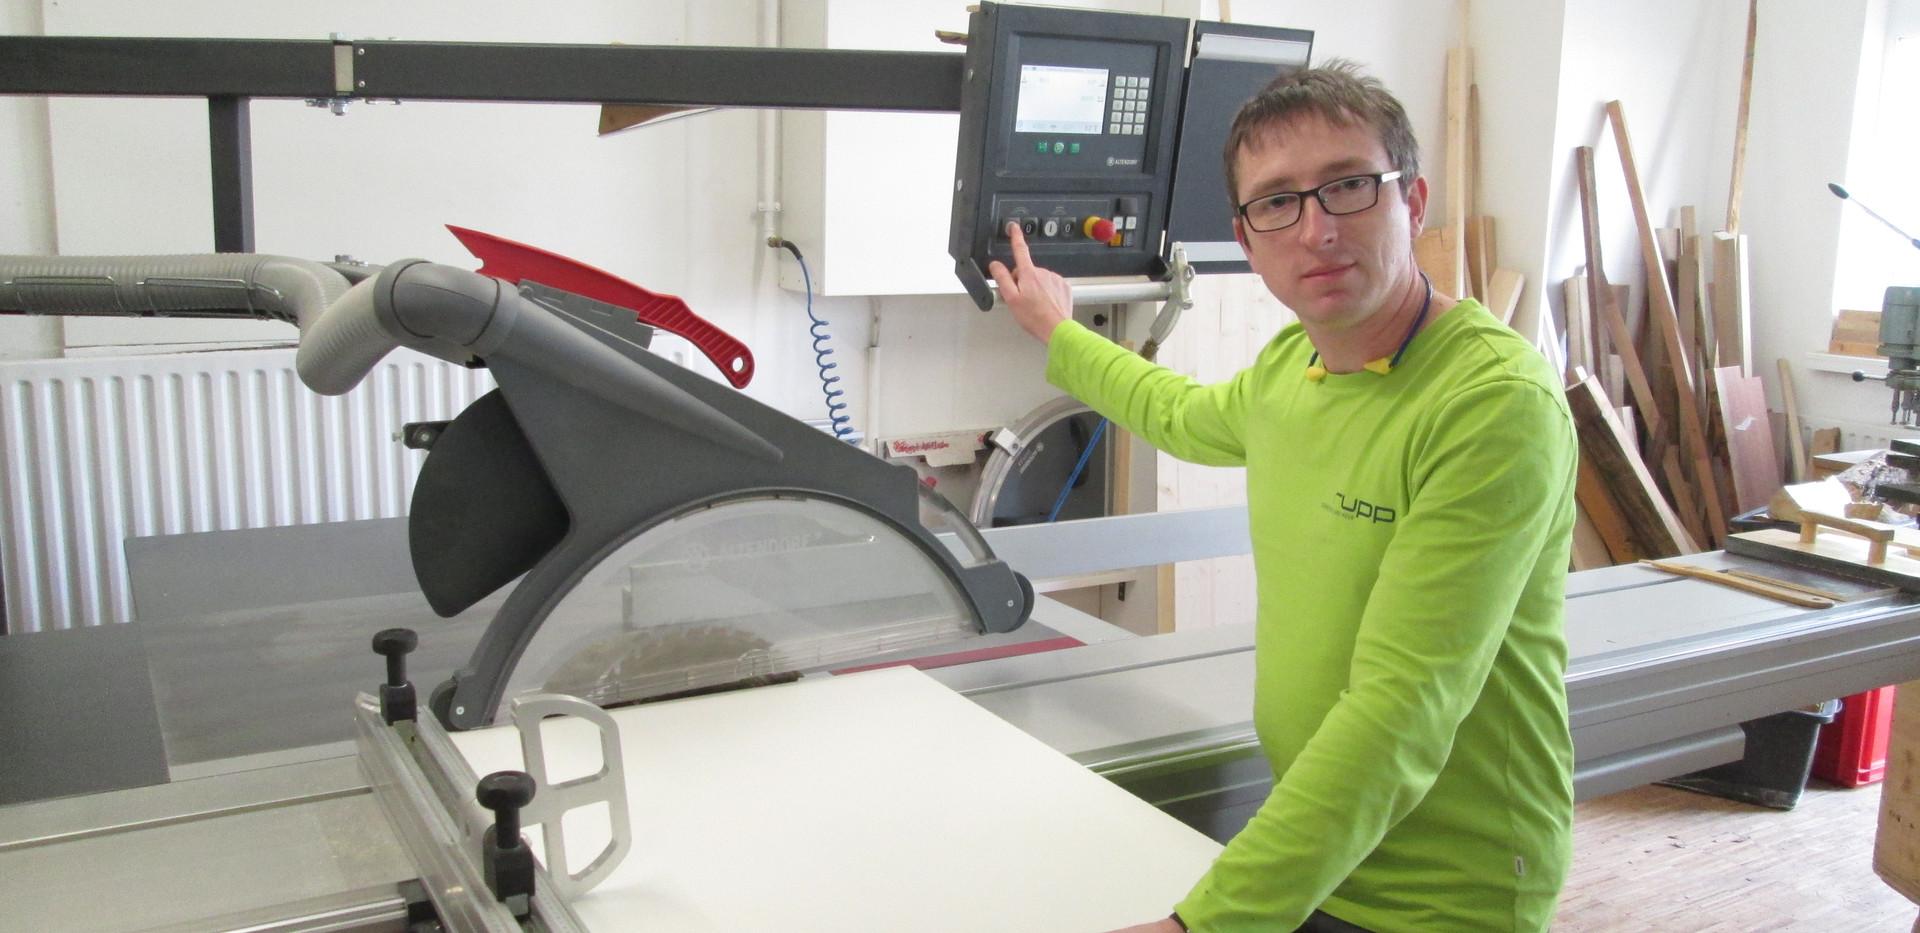 Meister Lars Brückmann